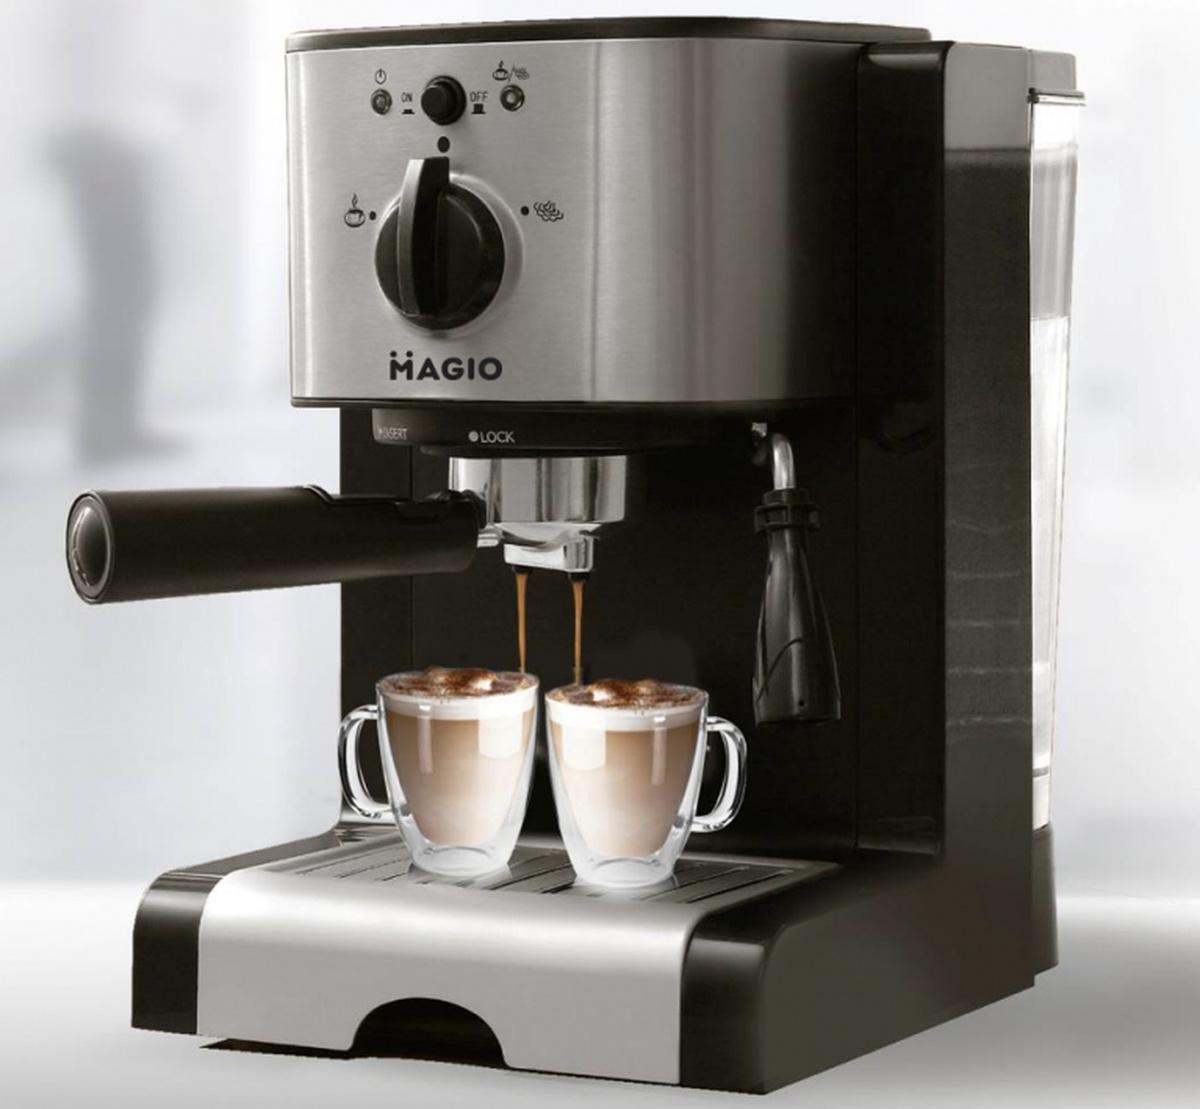 Кофеварка эспрессо Magio МG-960, итальянская помпа 15 бар #1